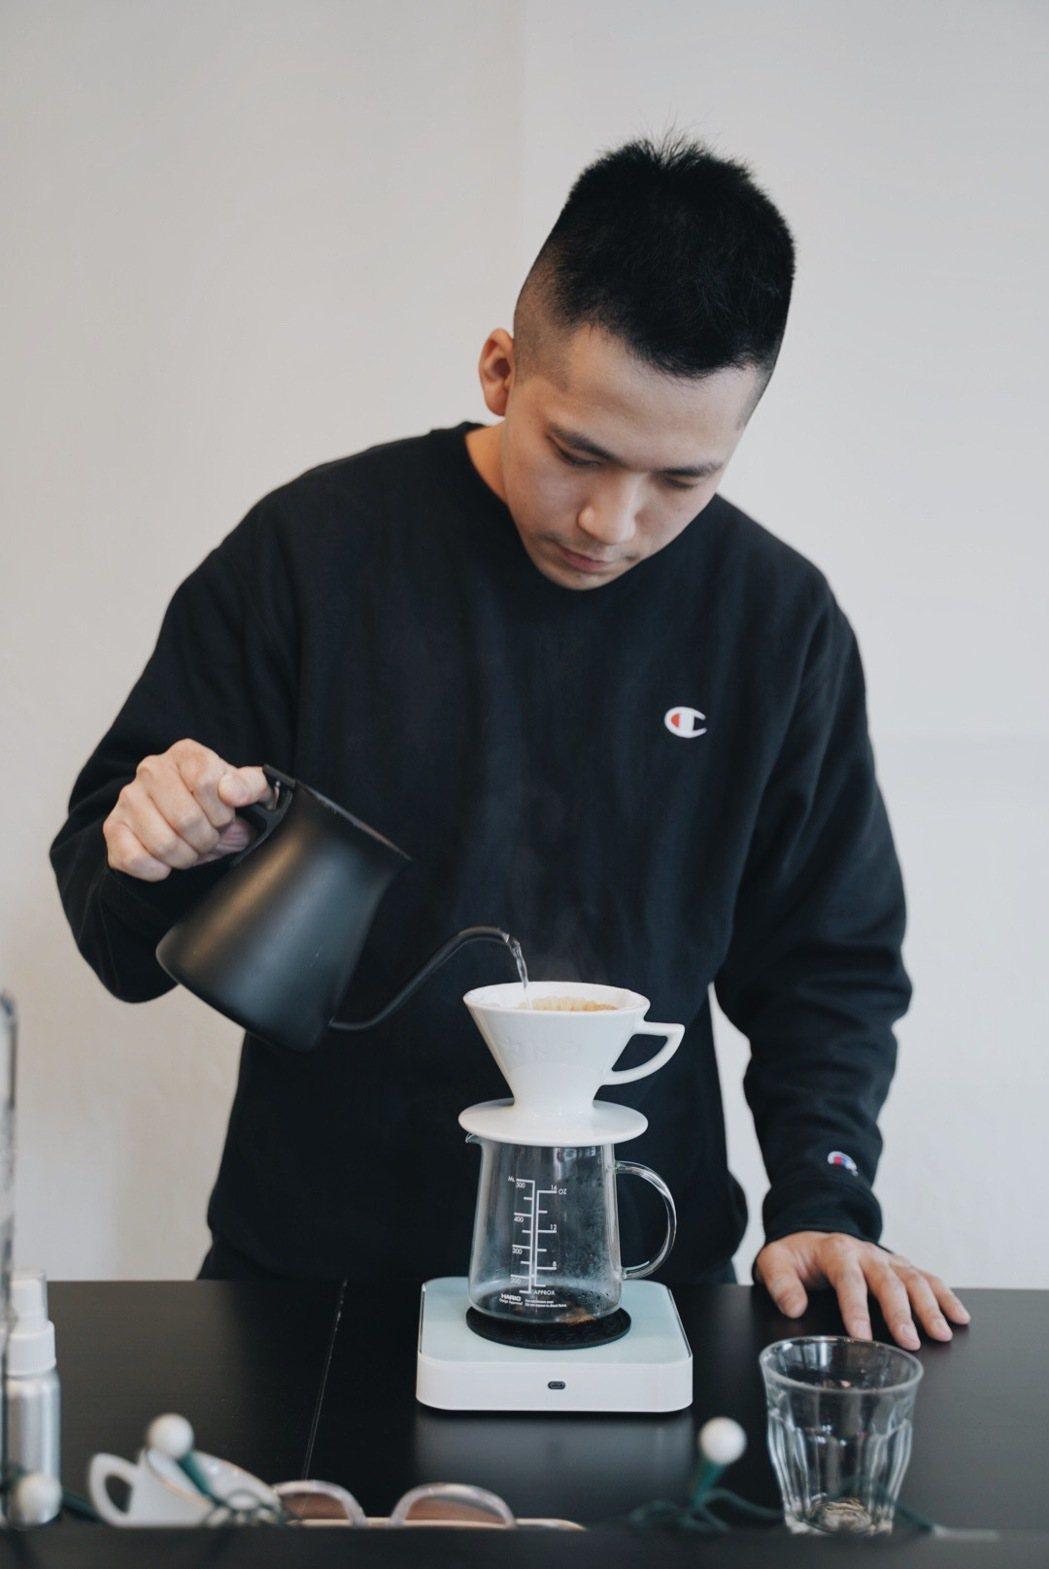 除了義式,「kikumo菊も」也提供手沖咖啡。 圖/沈佩臻攝影